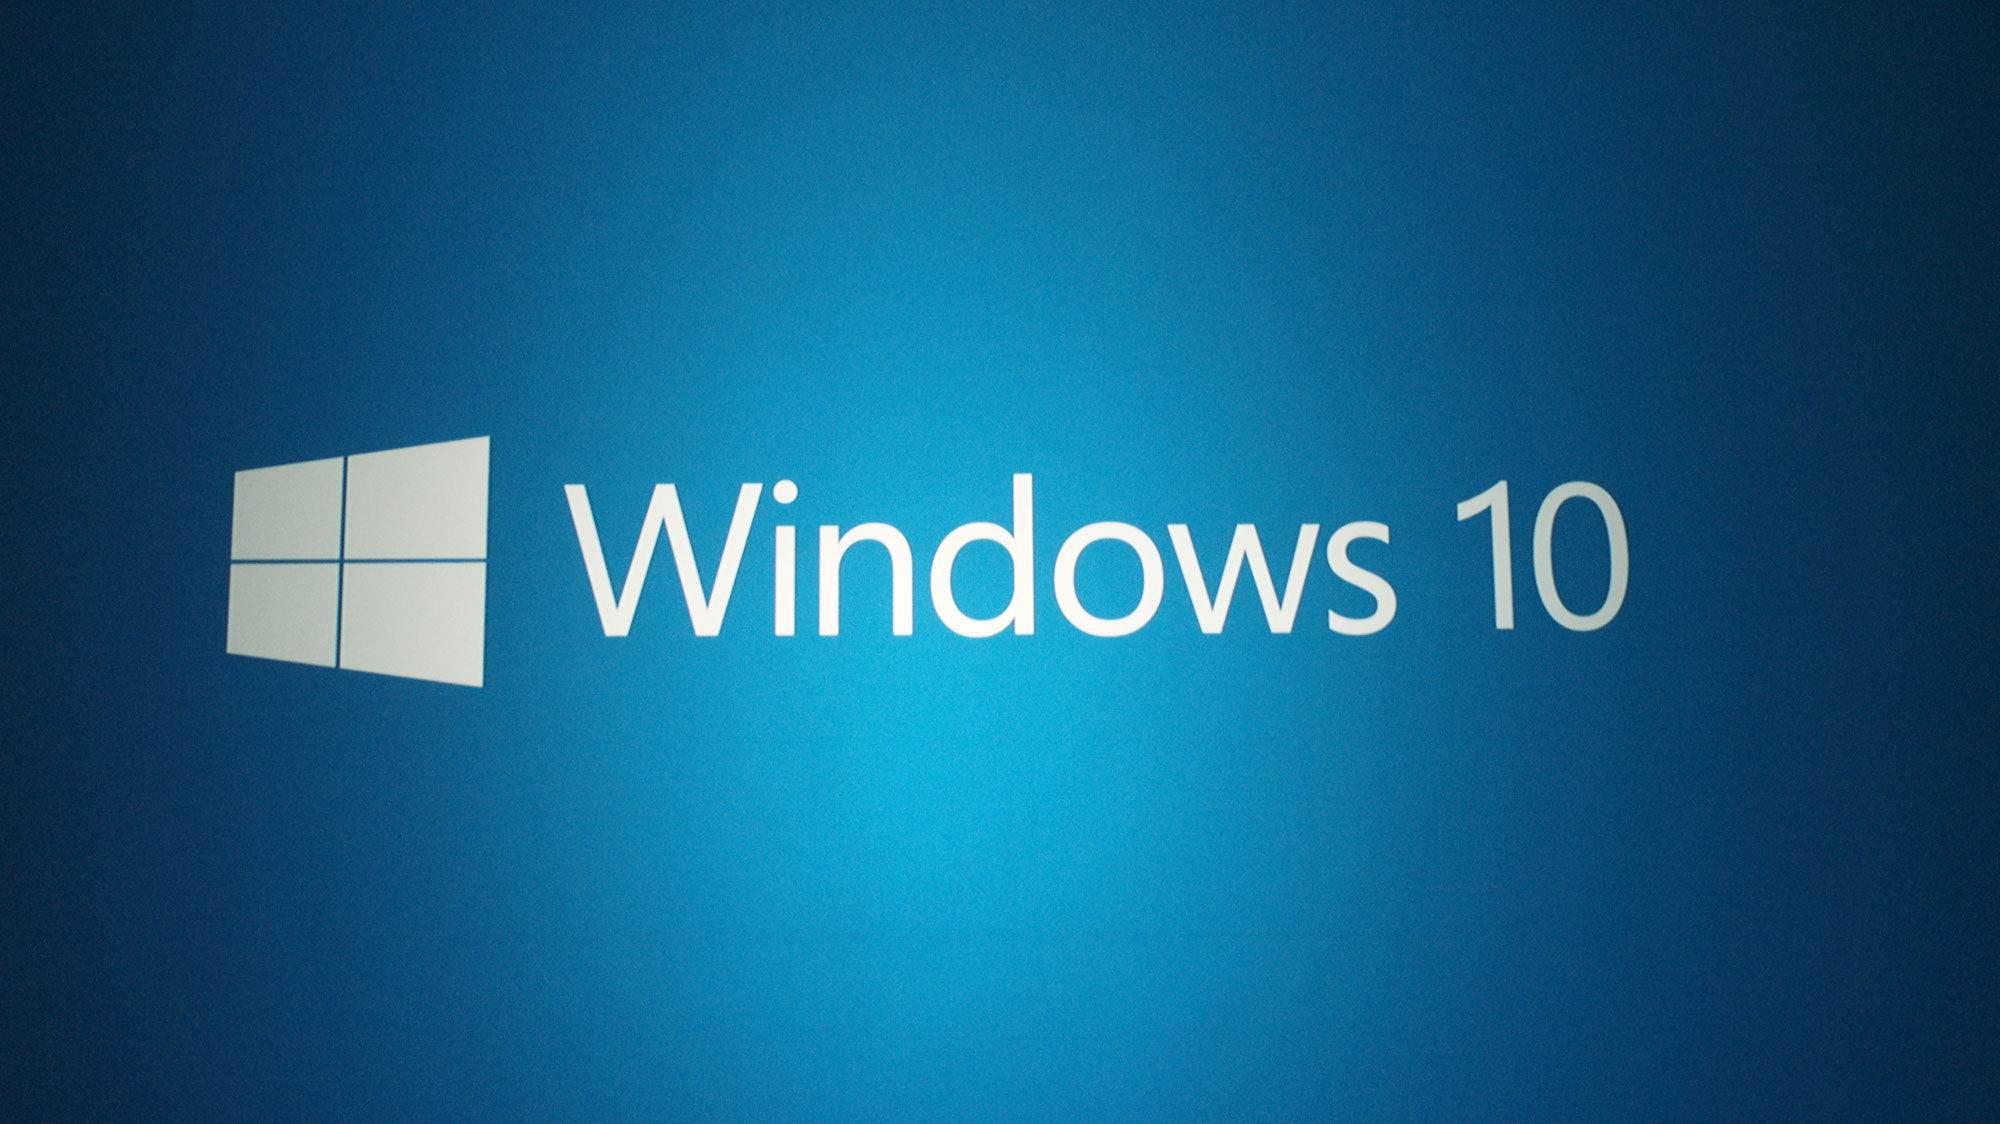 Windows 10'da Eski Sistem Nasıl Silinir?